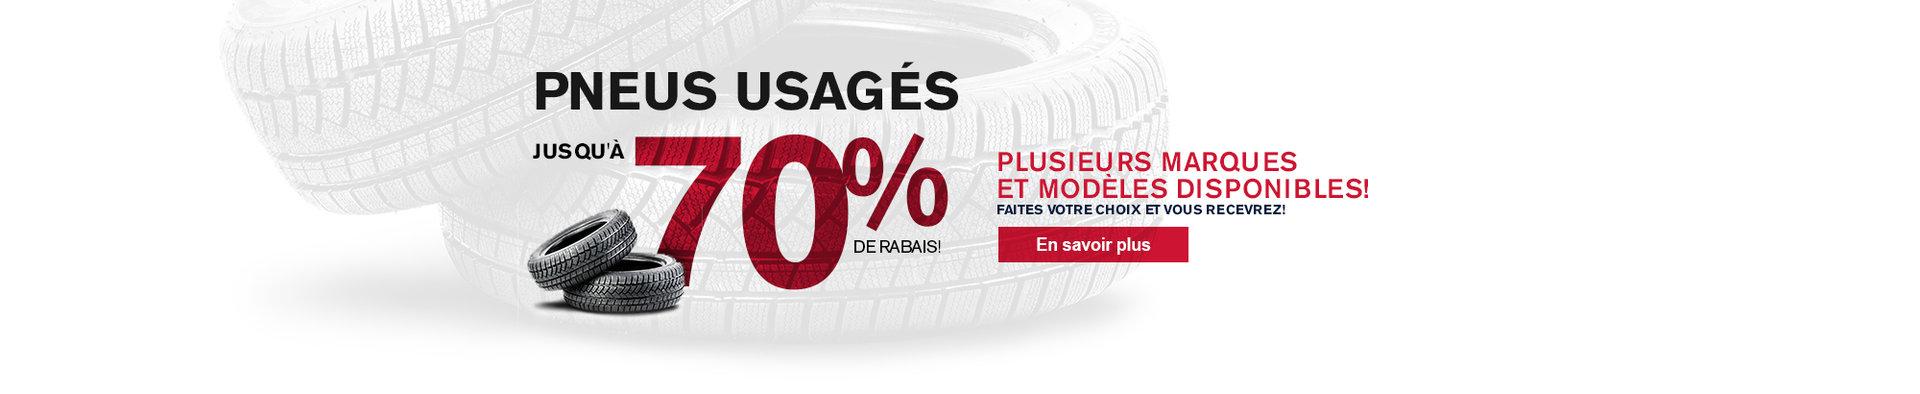 Promo pneus usagés - 70% de rabais